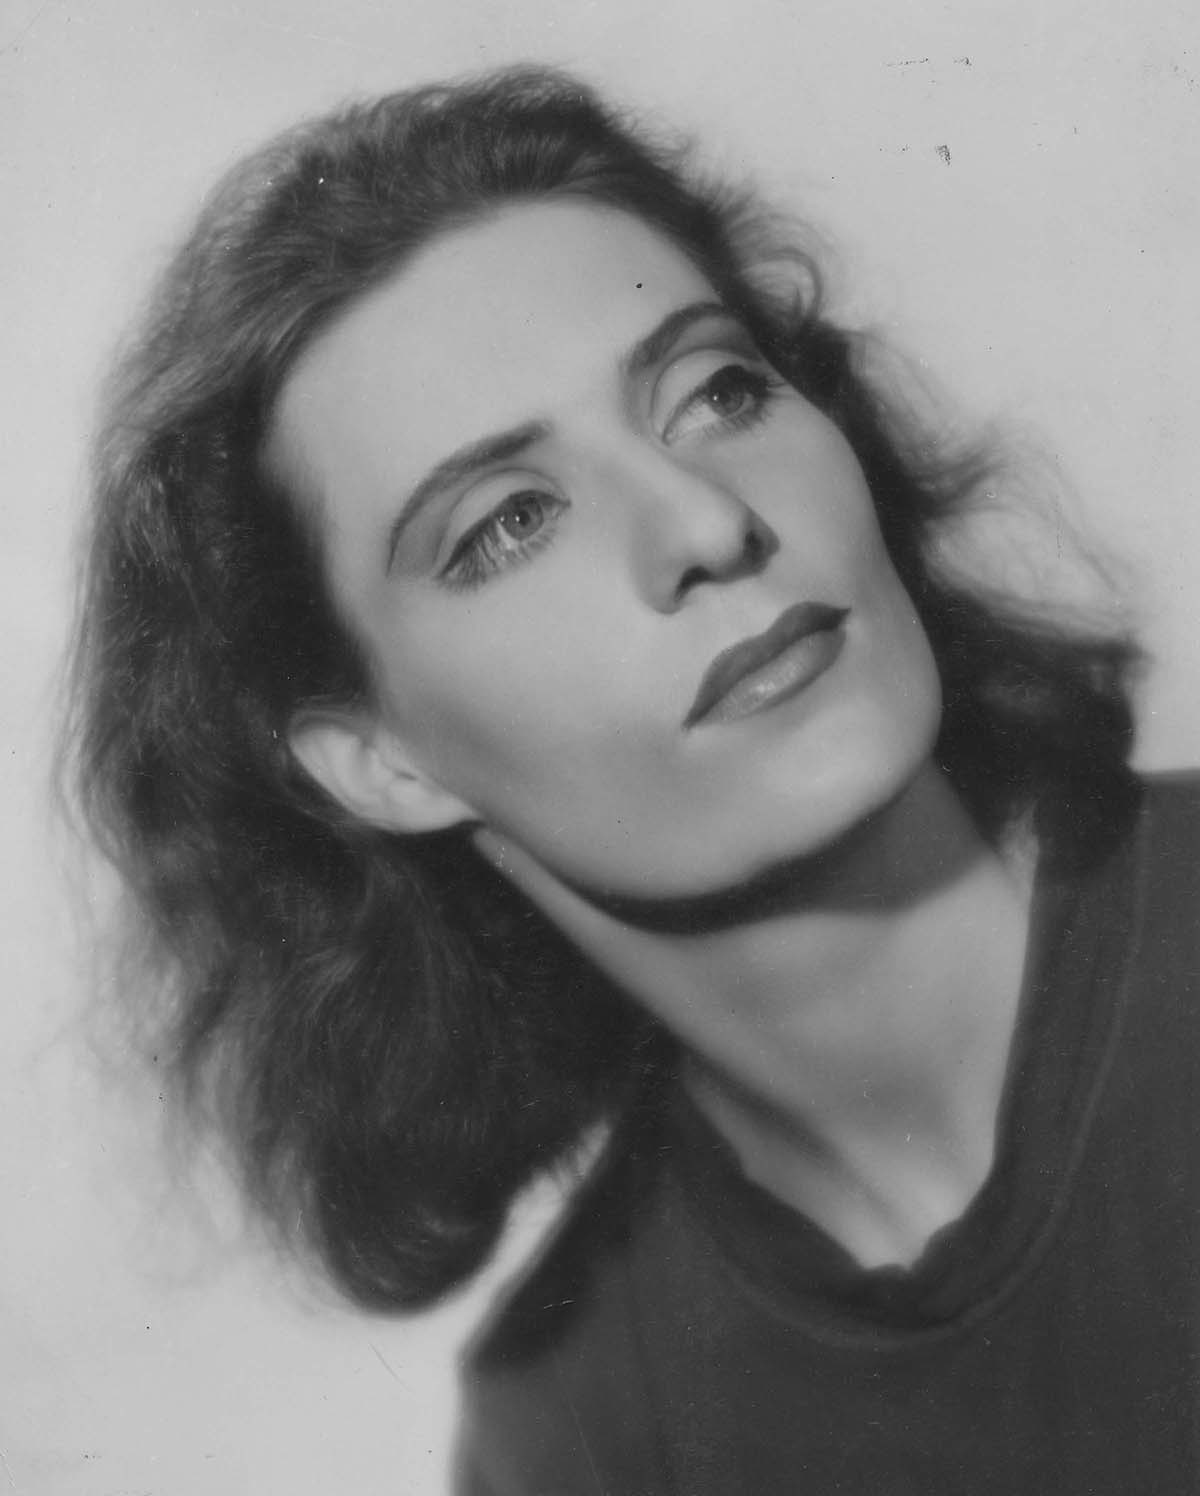 Sybil Shearer Portrait